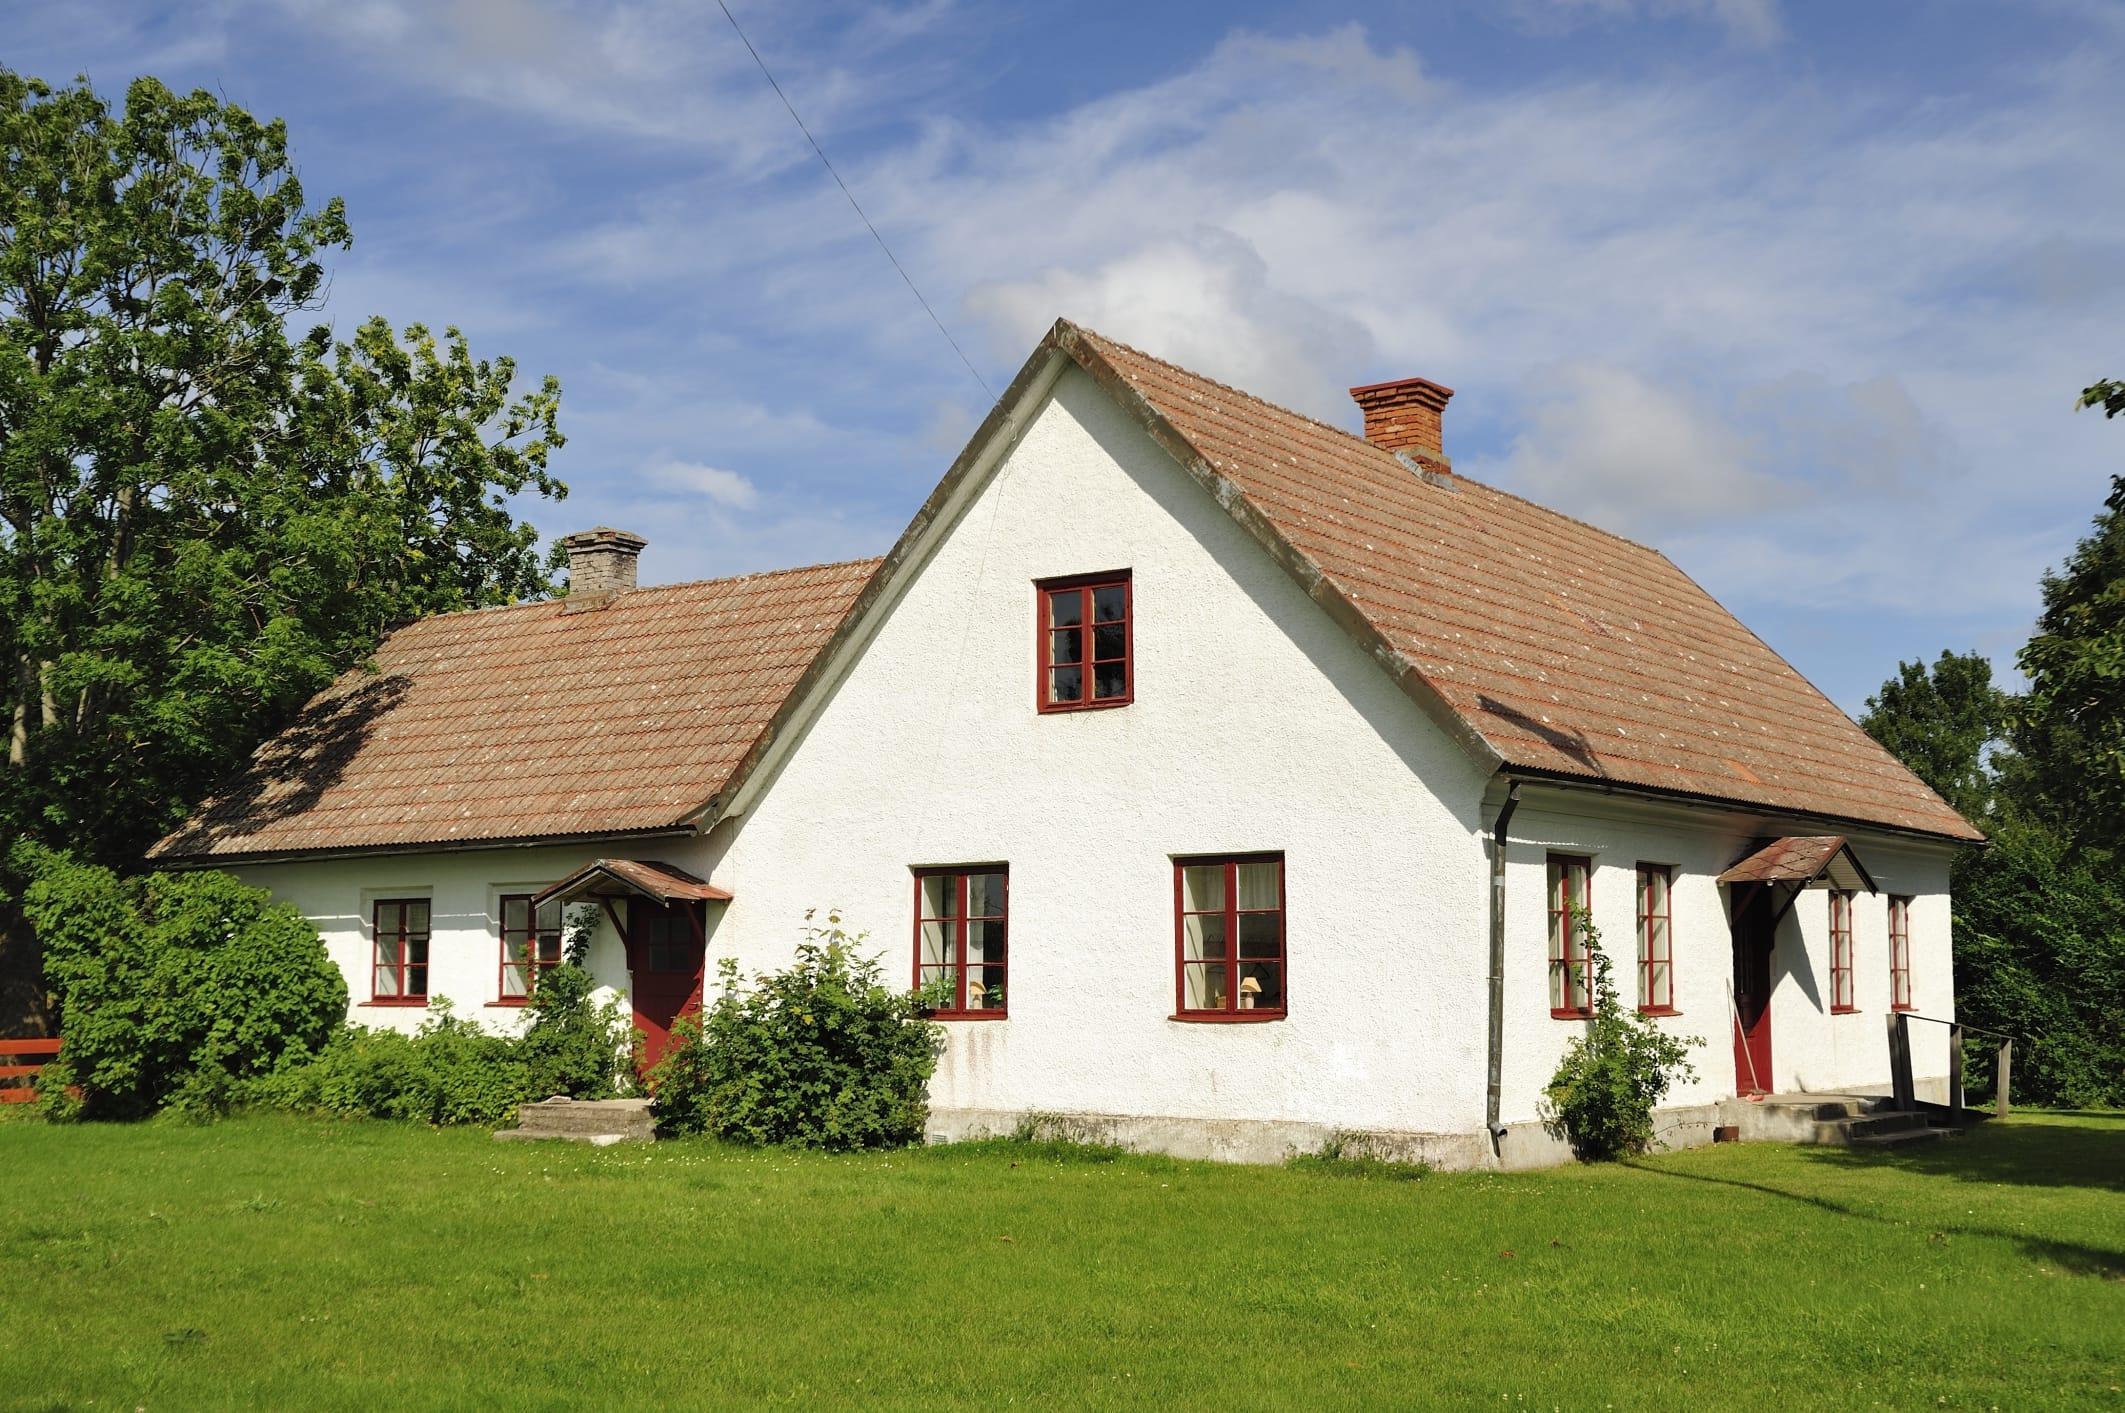 Acquisto casa in campagna: scendono i prezzi di terreni, casali e masserie